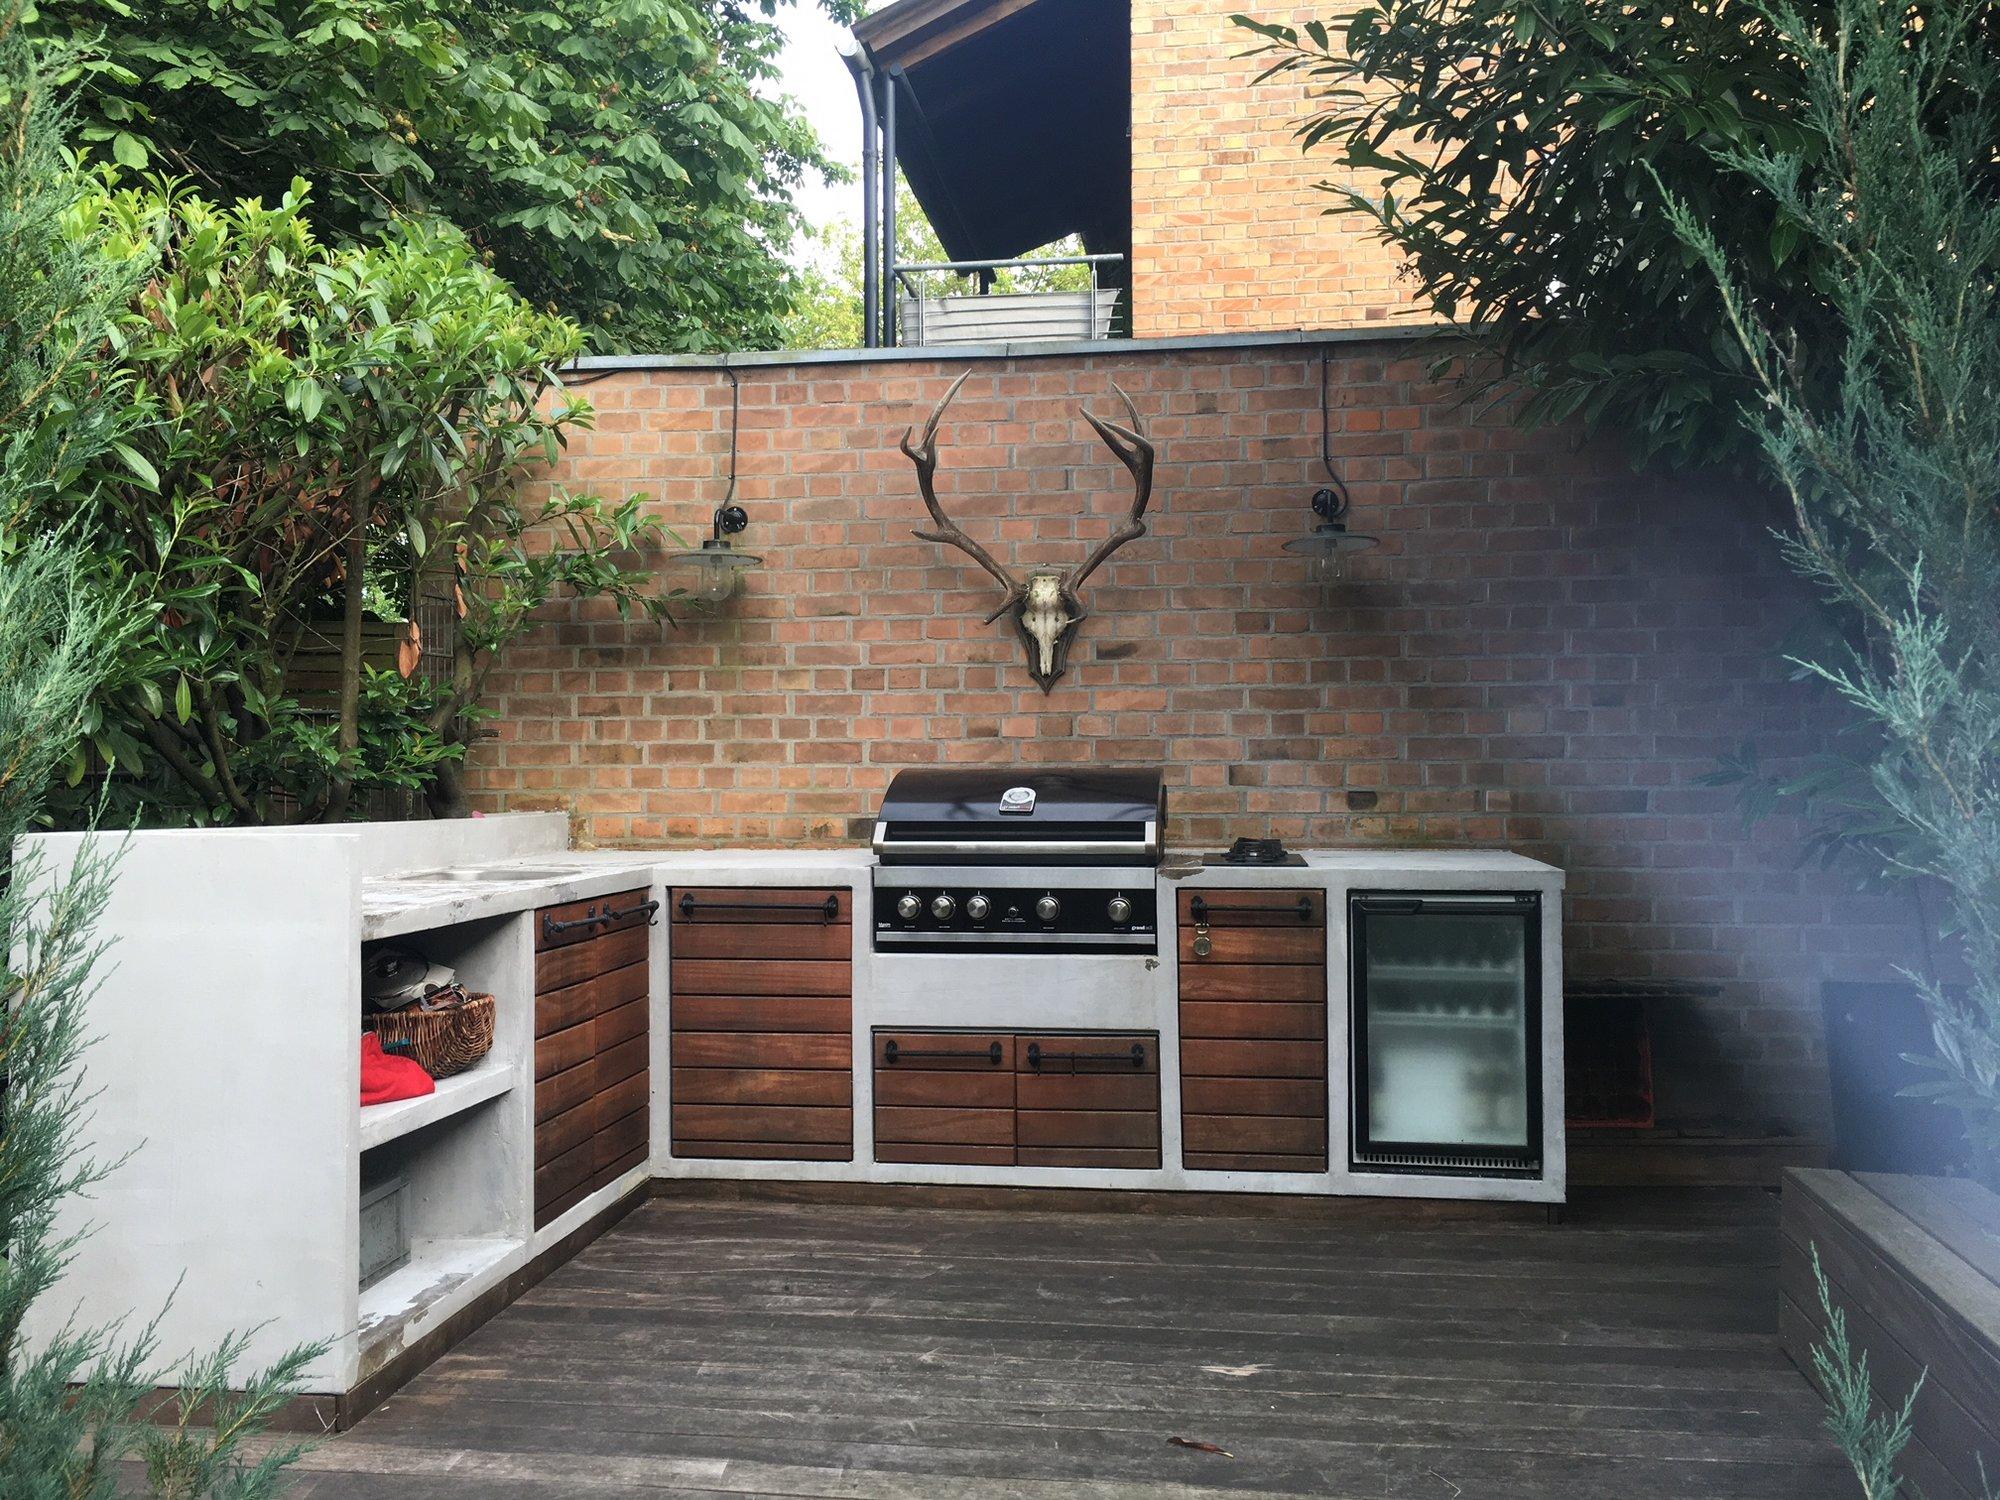 Kochfeld Für Außenküche : Kochfeld aussenküche besten inspiration outdoorküche bilder